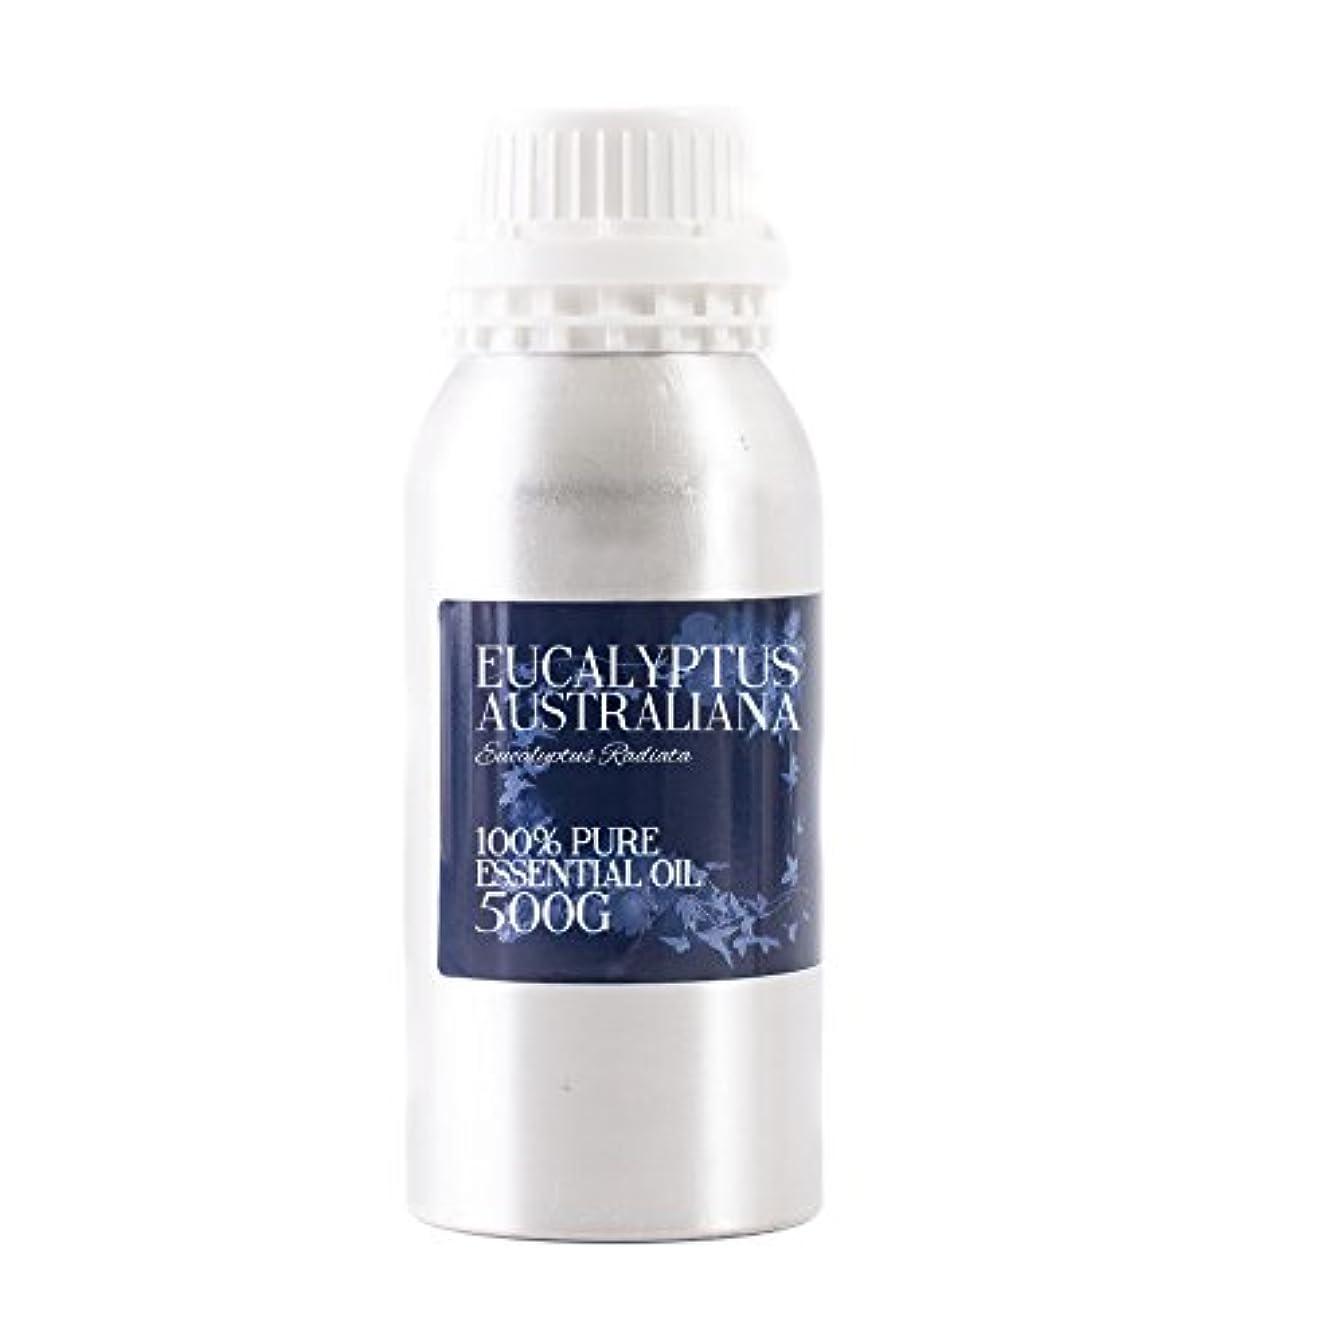 高い荒れ地言及するMystic Moments | Eucalyptus Australiana Essential Oil - 500g - 100% Pure